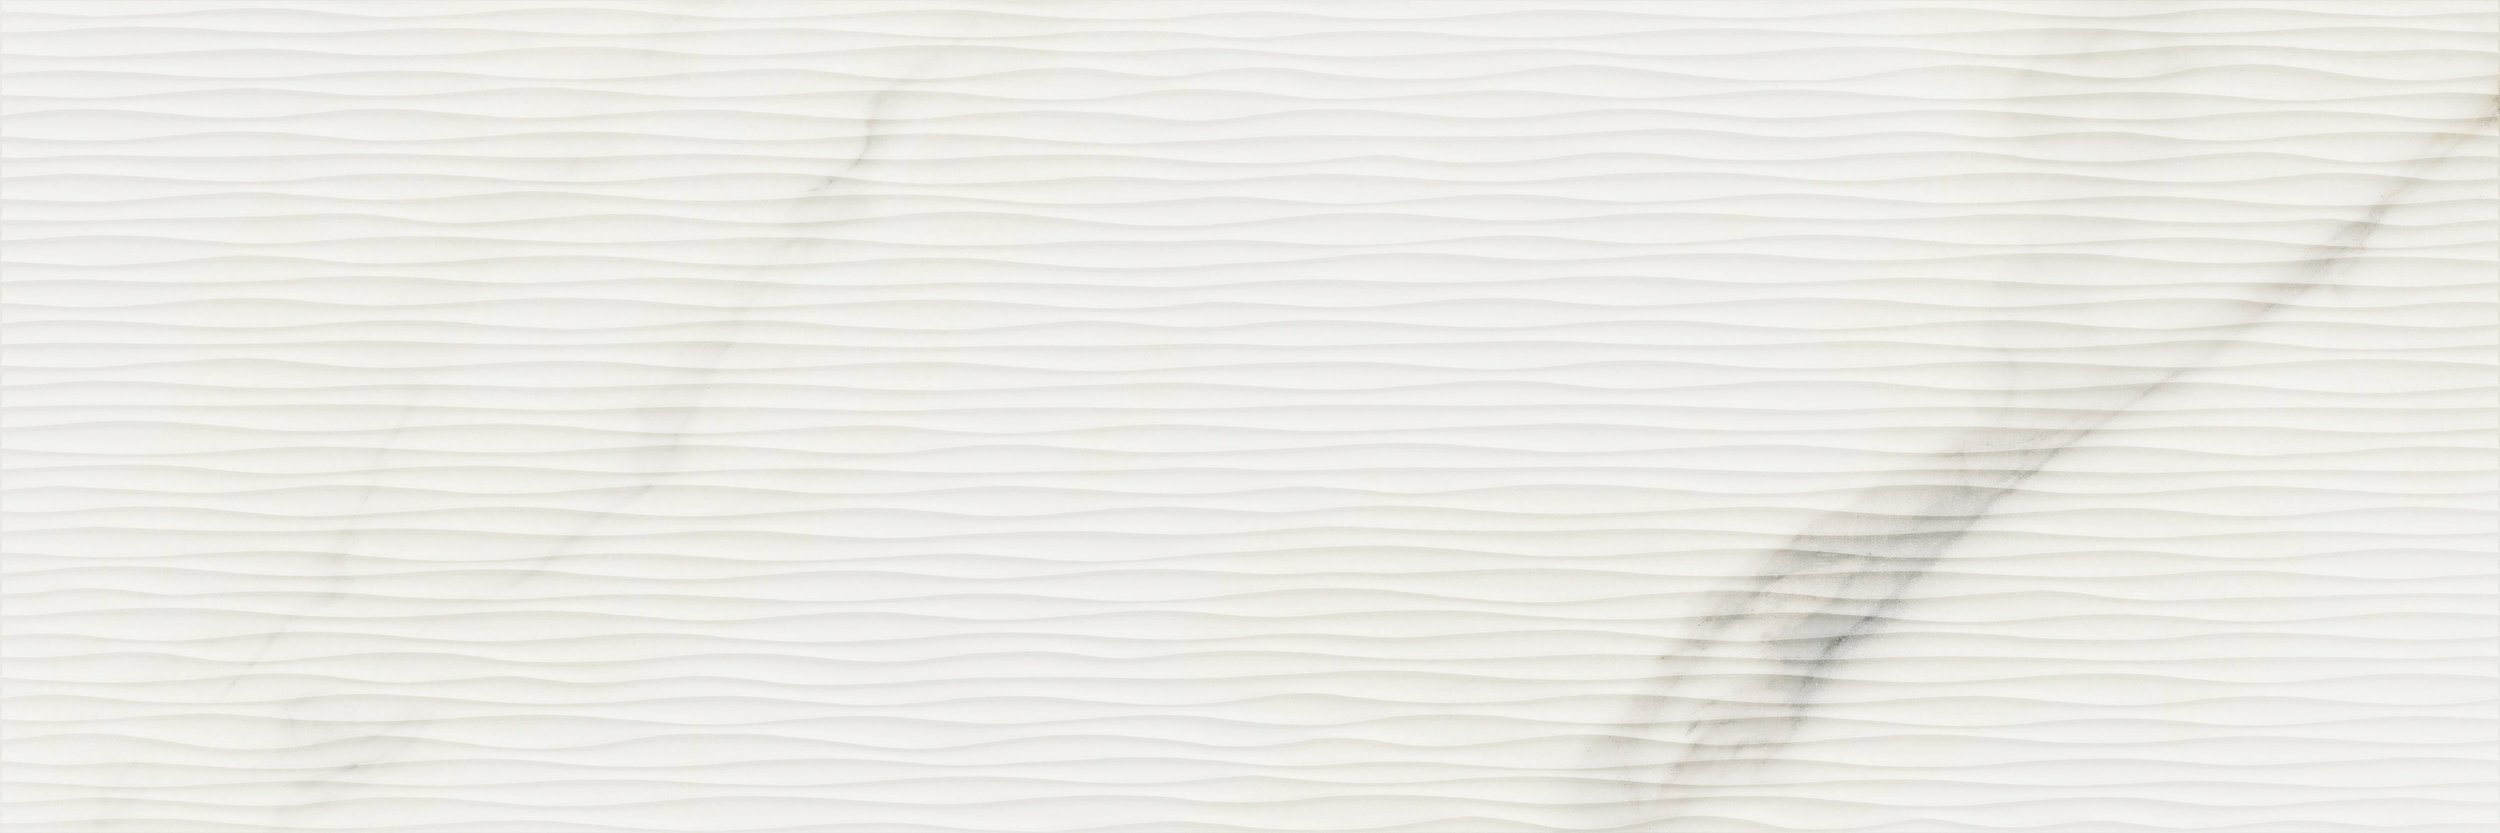 Купить Керамогранит Benadresa Egeo Tonn настенный 40х120, Испания